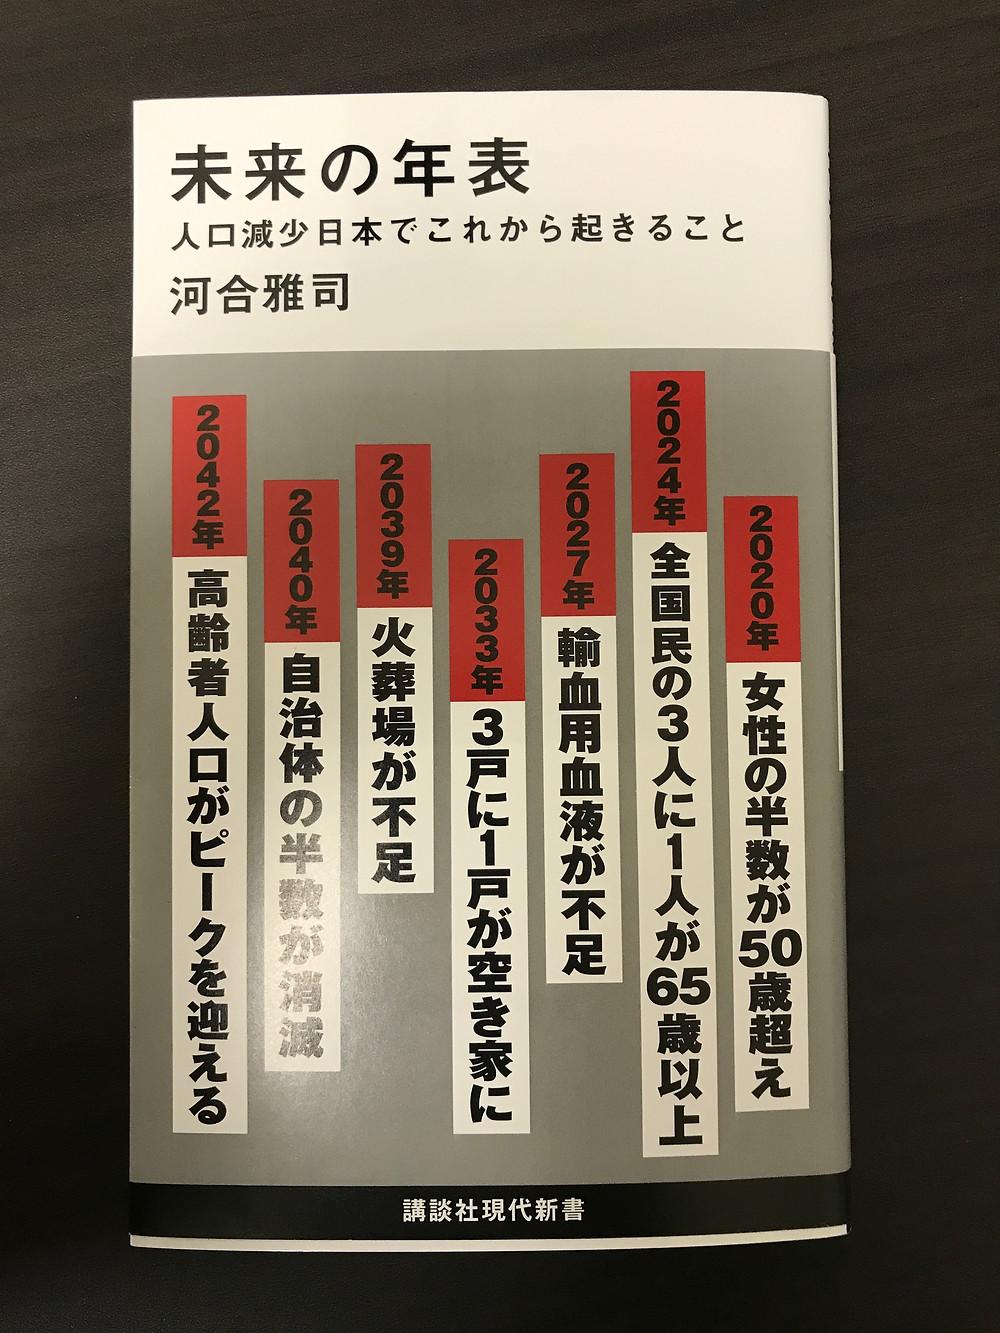 「未来の年表」 河合雅司(著) 講談社現代新書